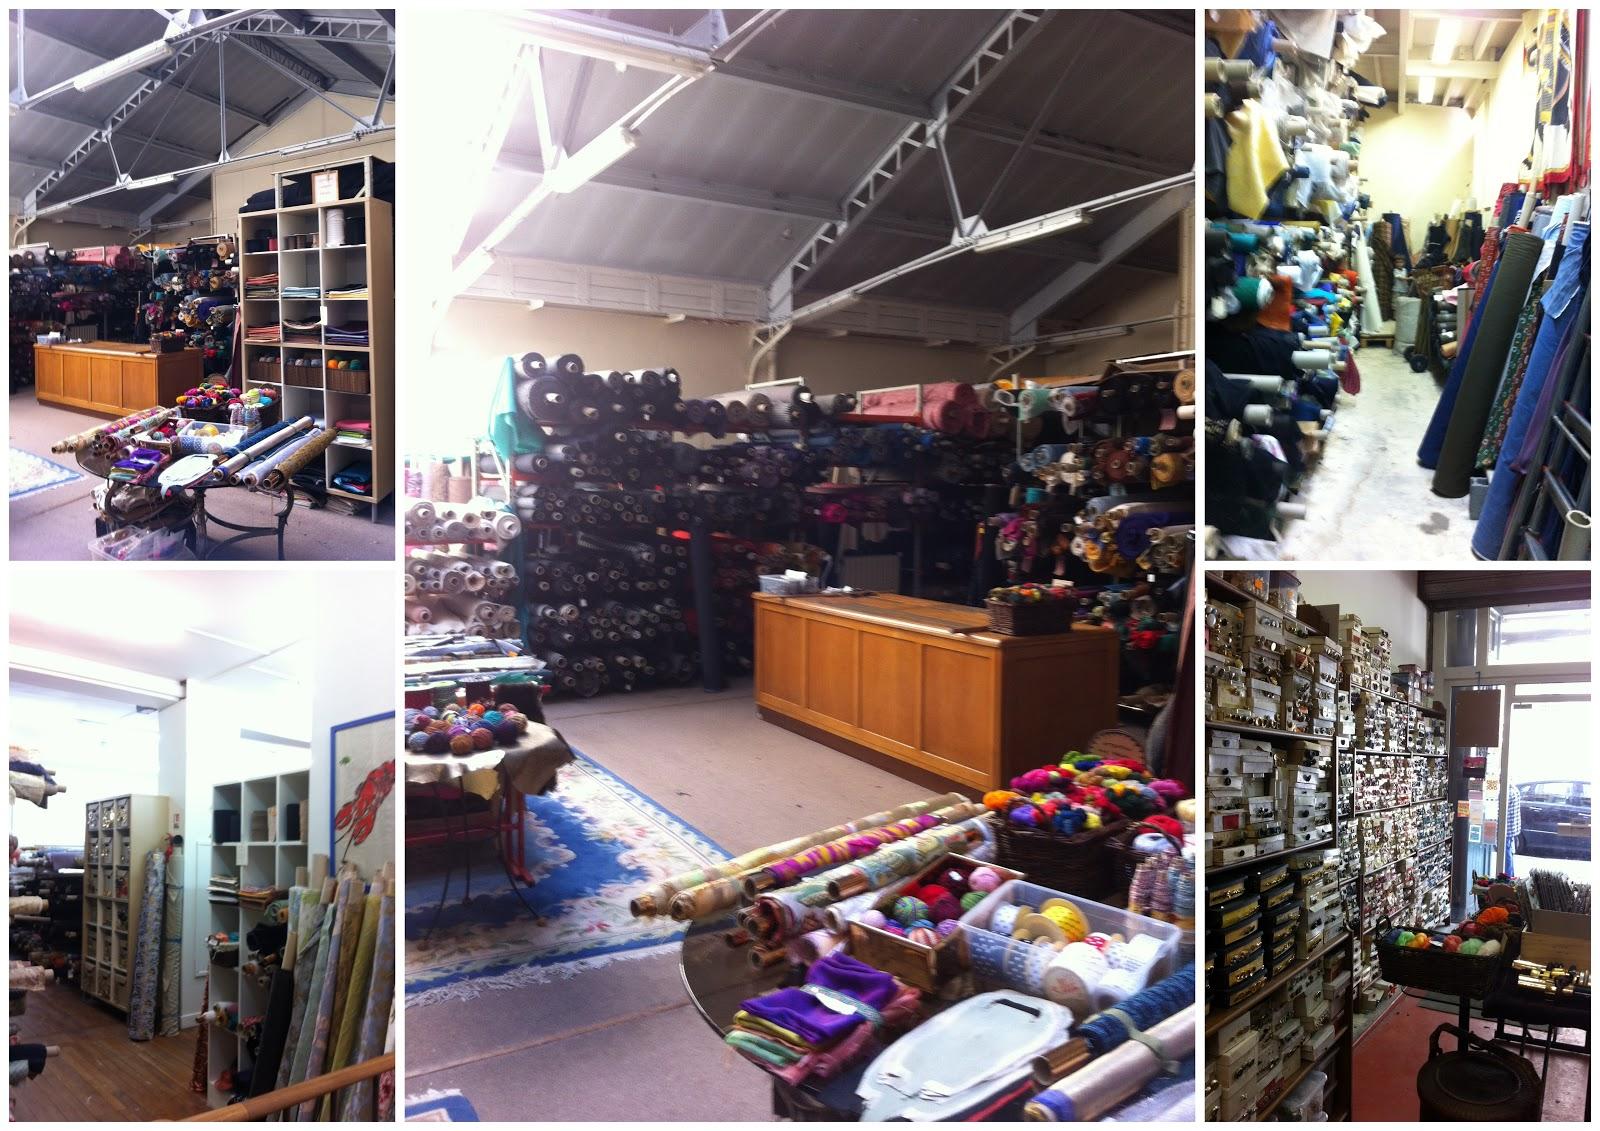 magasins de tissus paris les magasins de tissus parisiens les cr as de mam adresses magasins. Black Bedroom Furniture Sets. Home Design Ideas